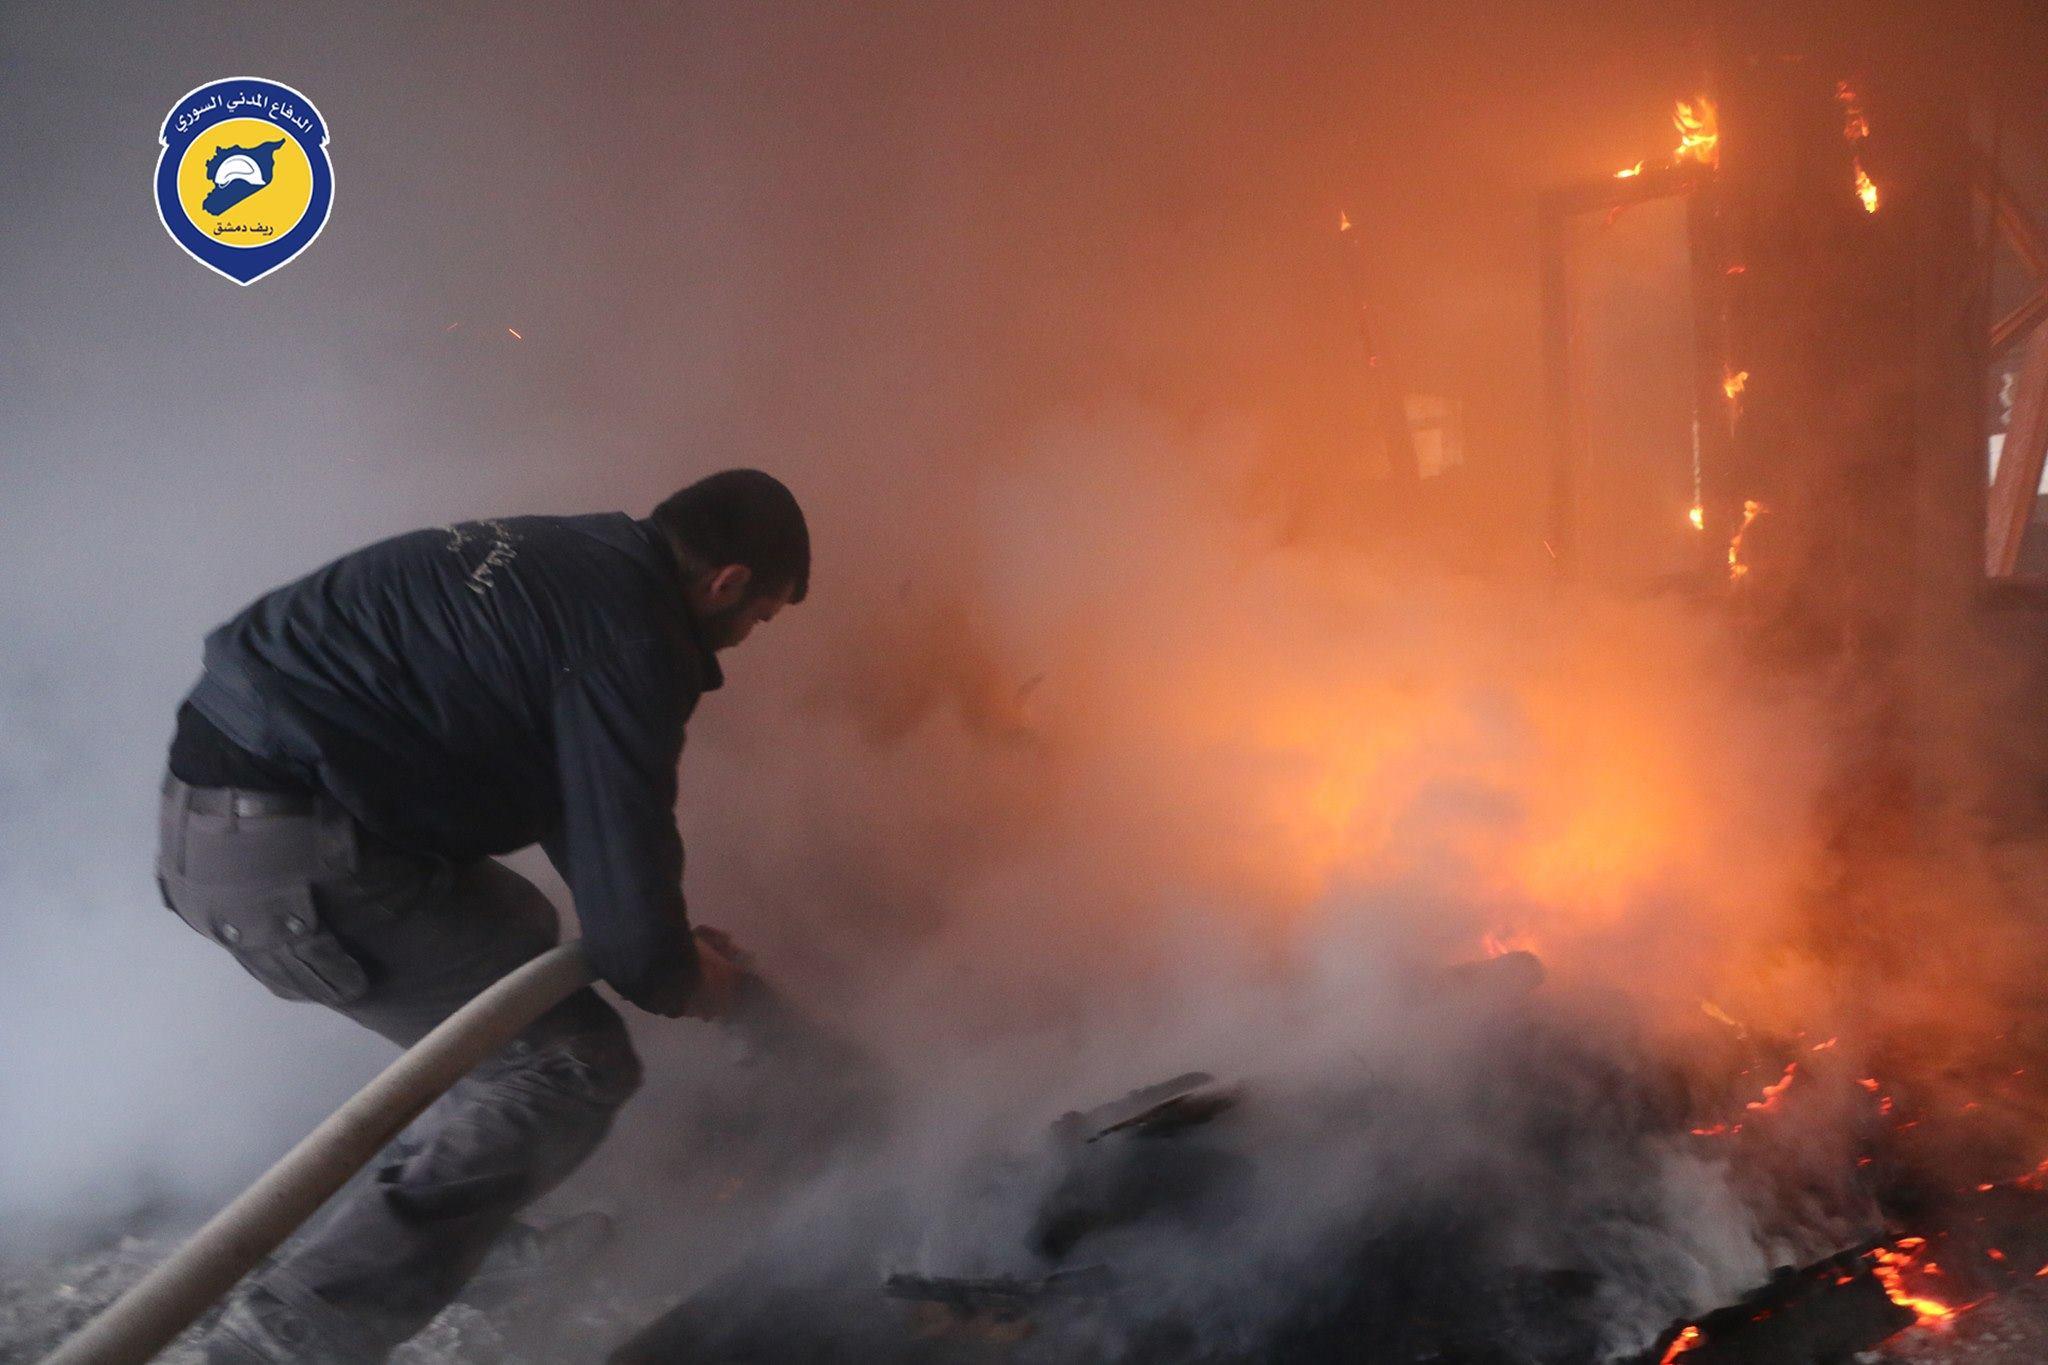 صورة 331 ضحية..معدلات القتل تعود لما كانت عليه قبل اتفاق أنقرة